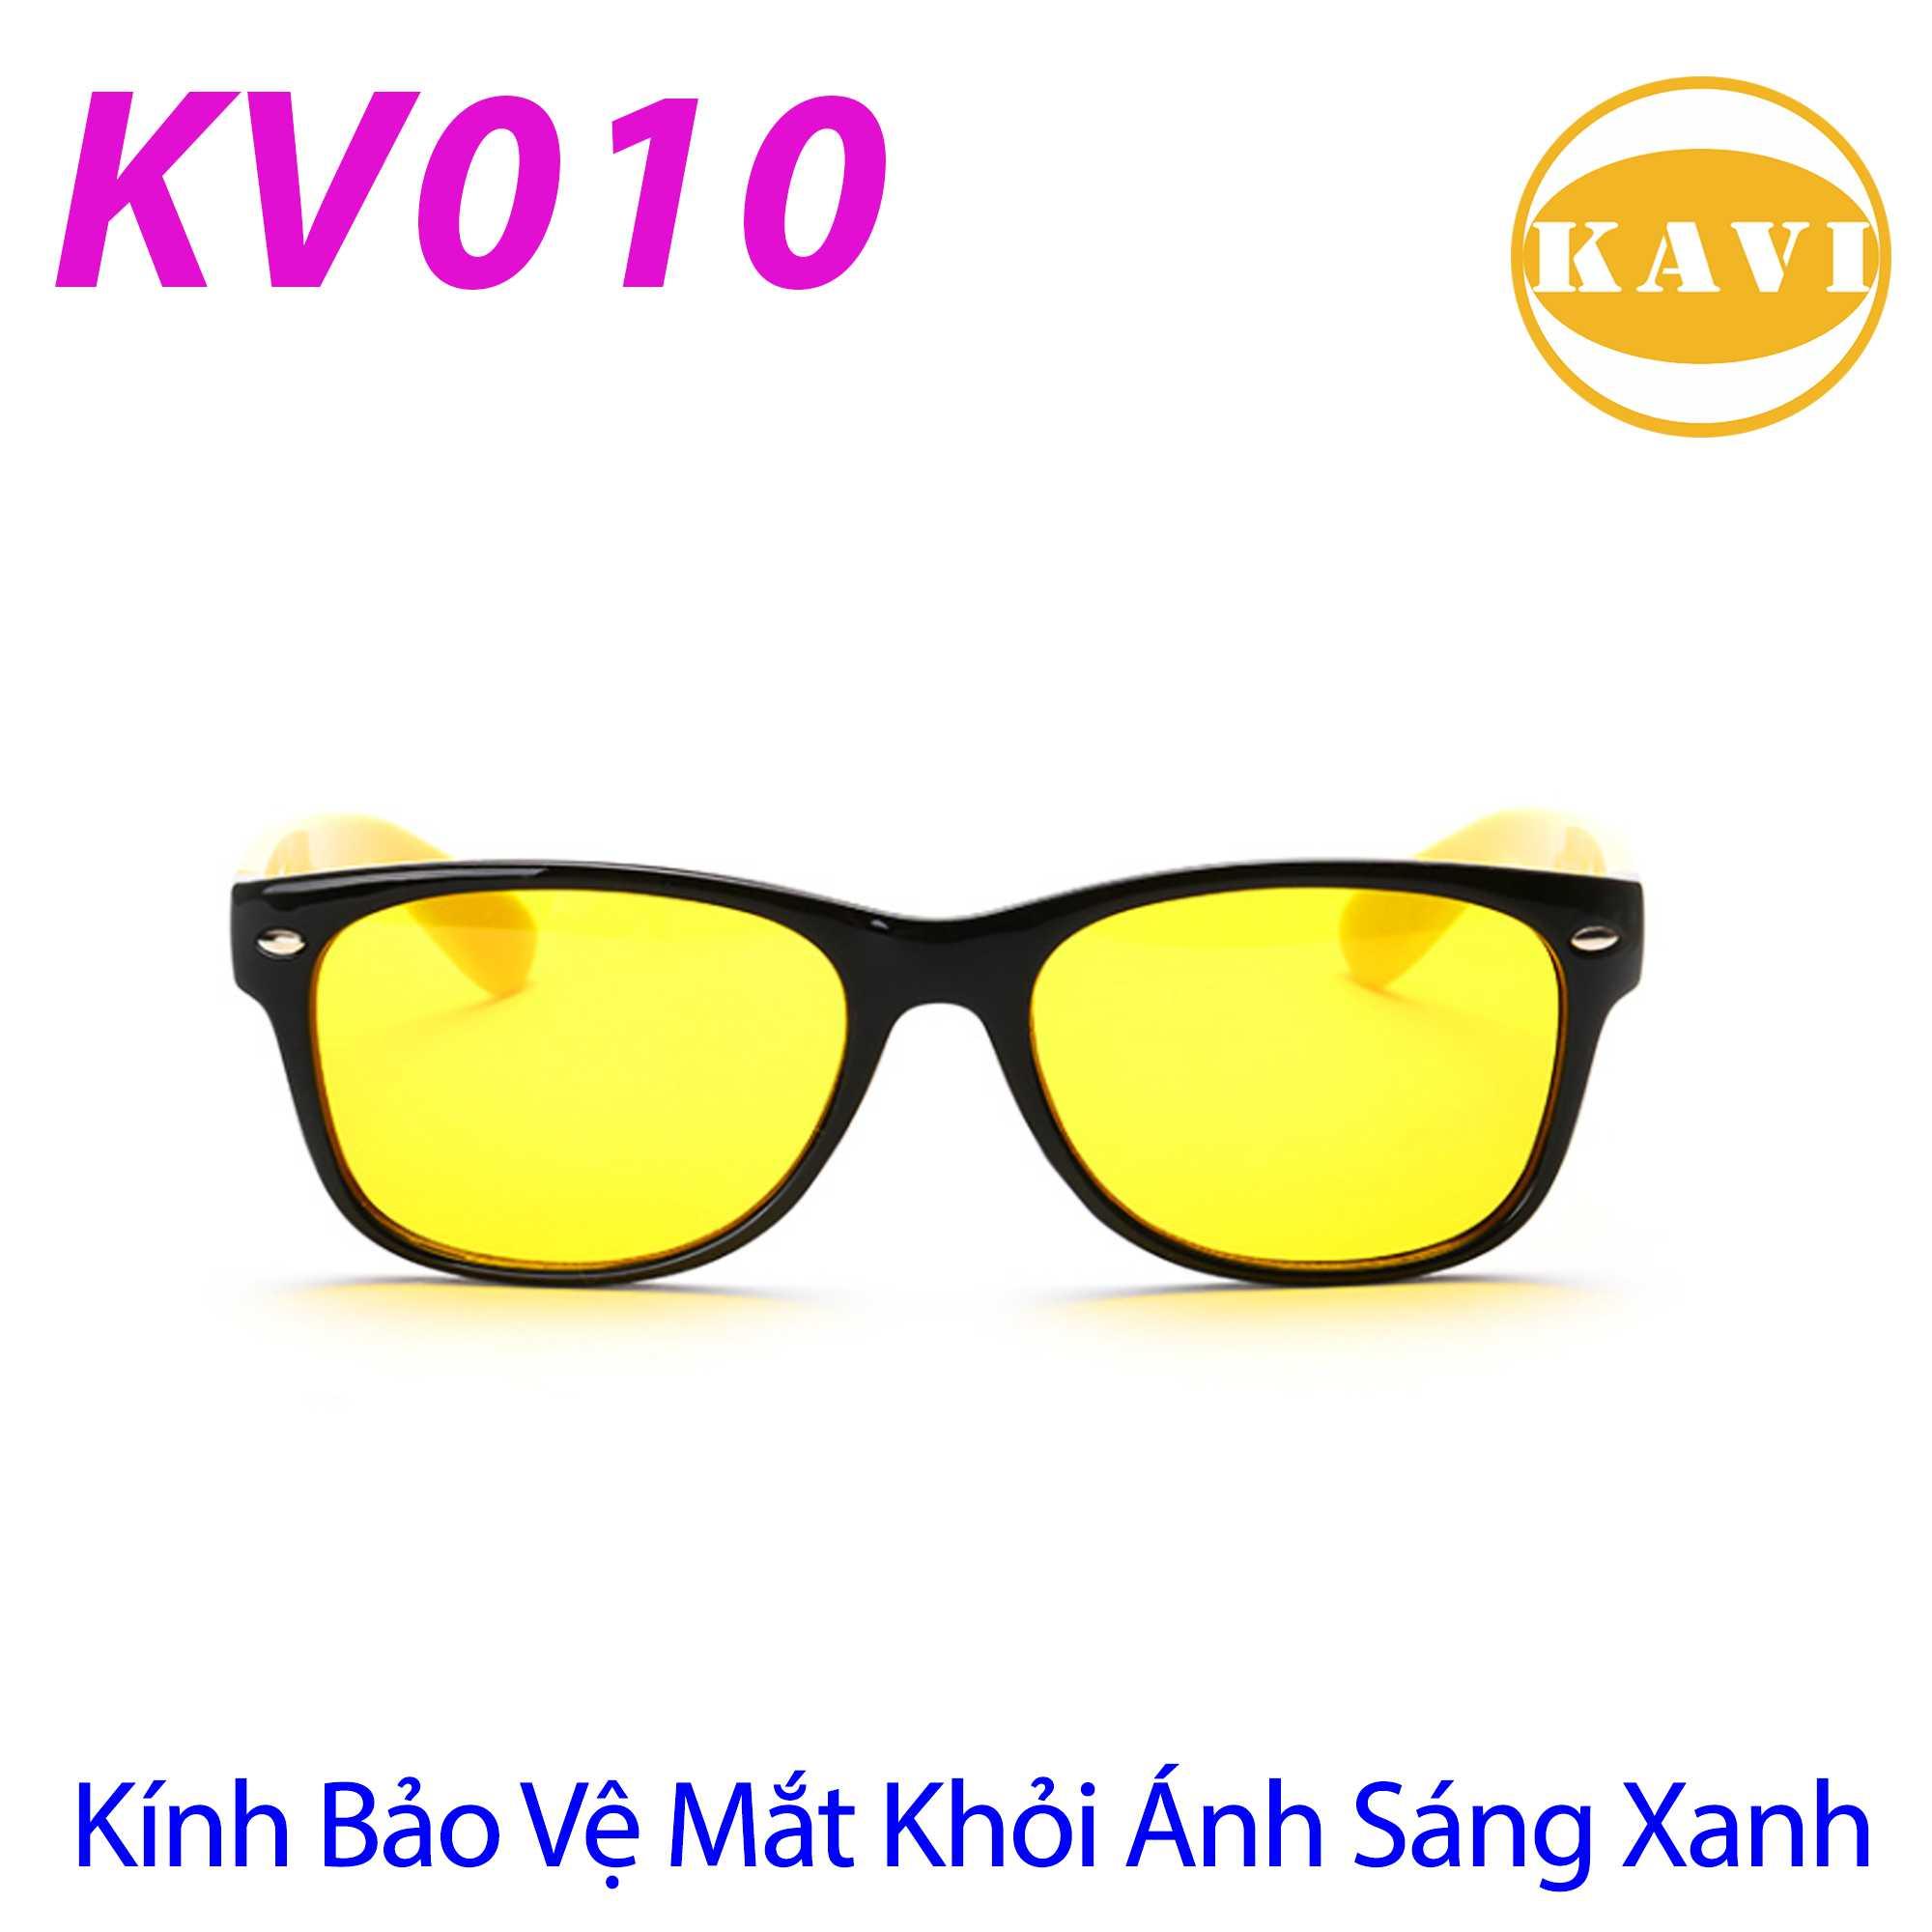 KV010 - Kính không độ chống ánh sáng xanh